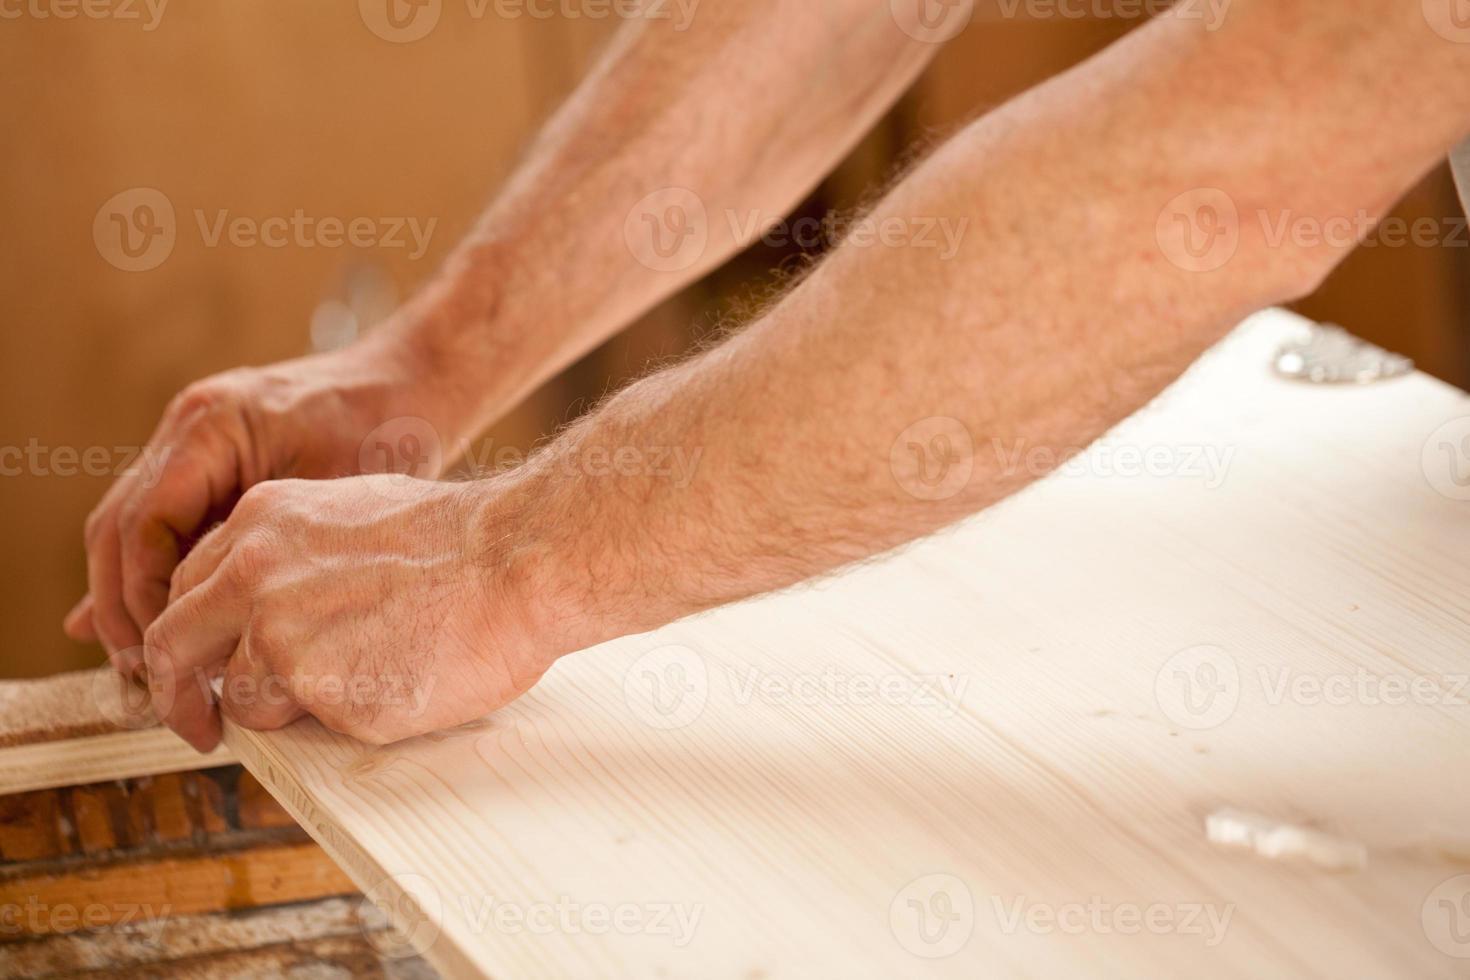 Männerhand arbeitet an Holz foto